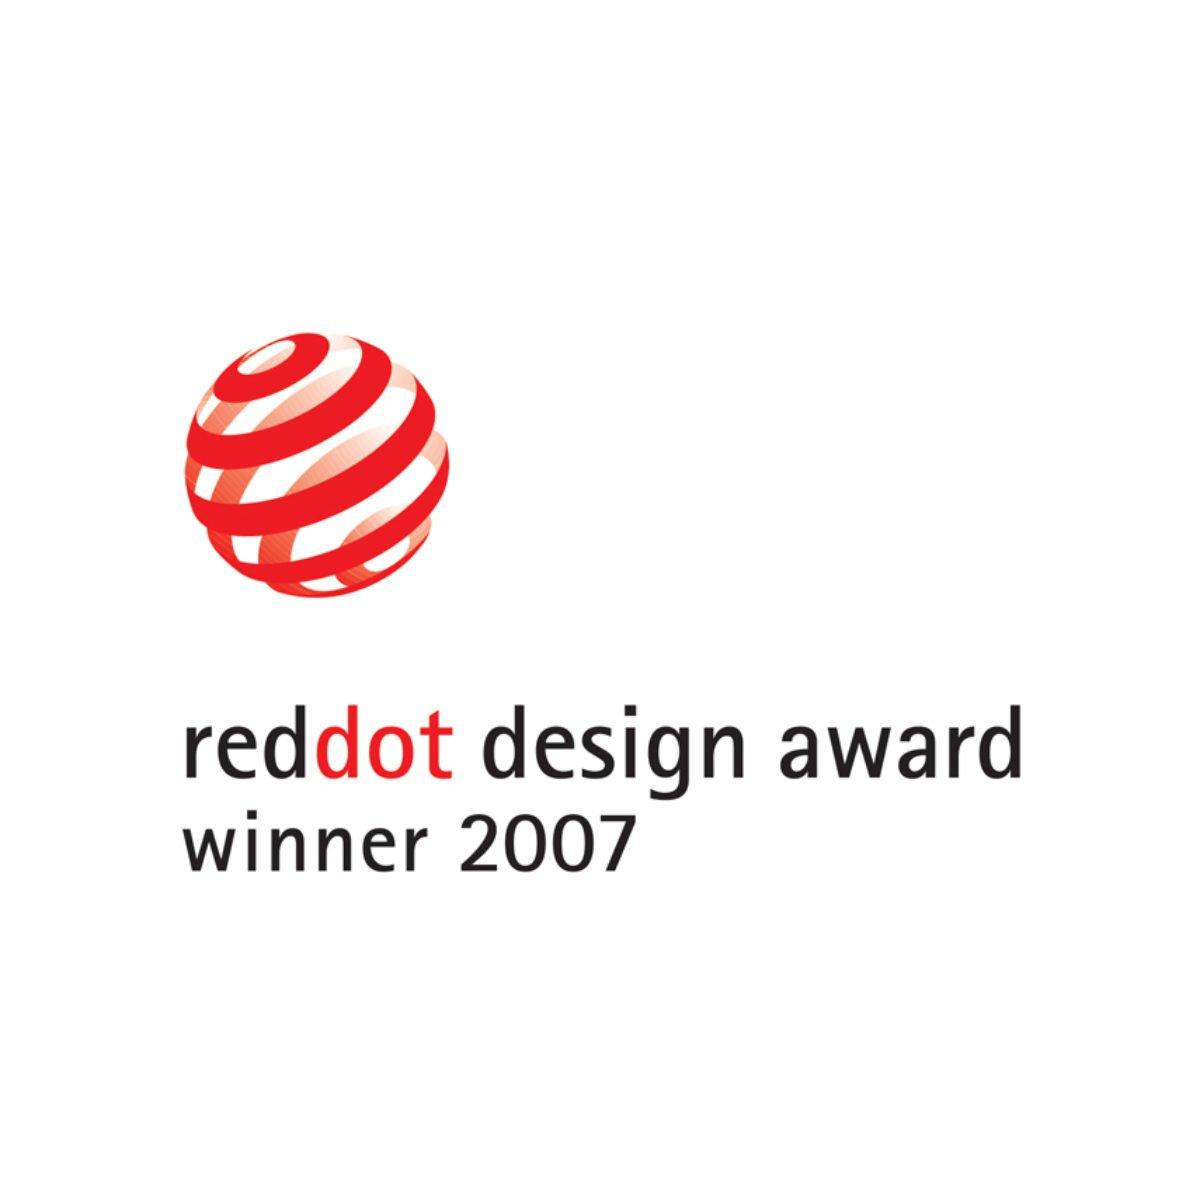 Red dot award winner logo